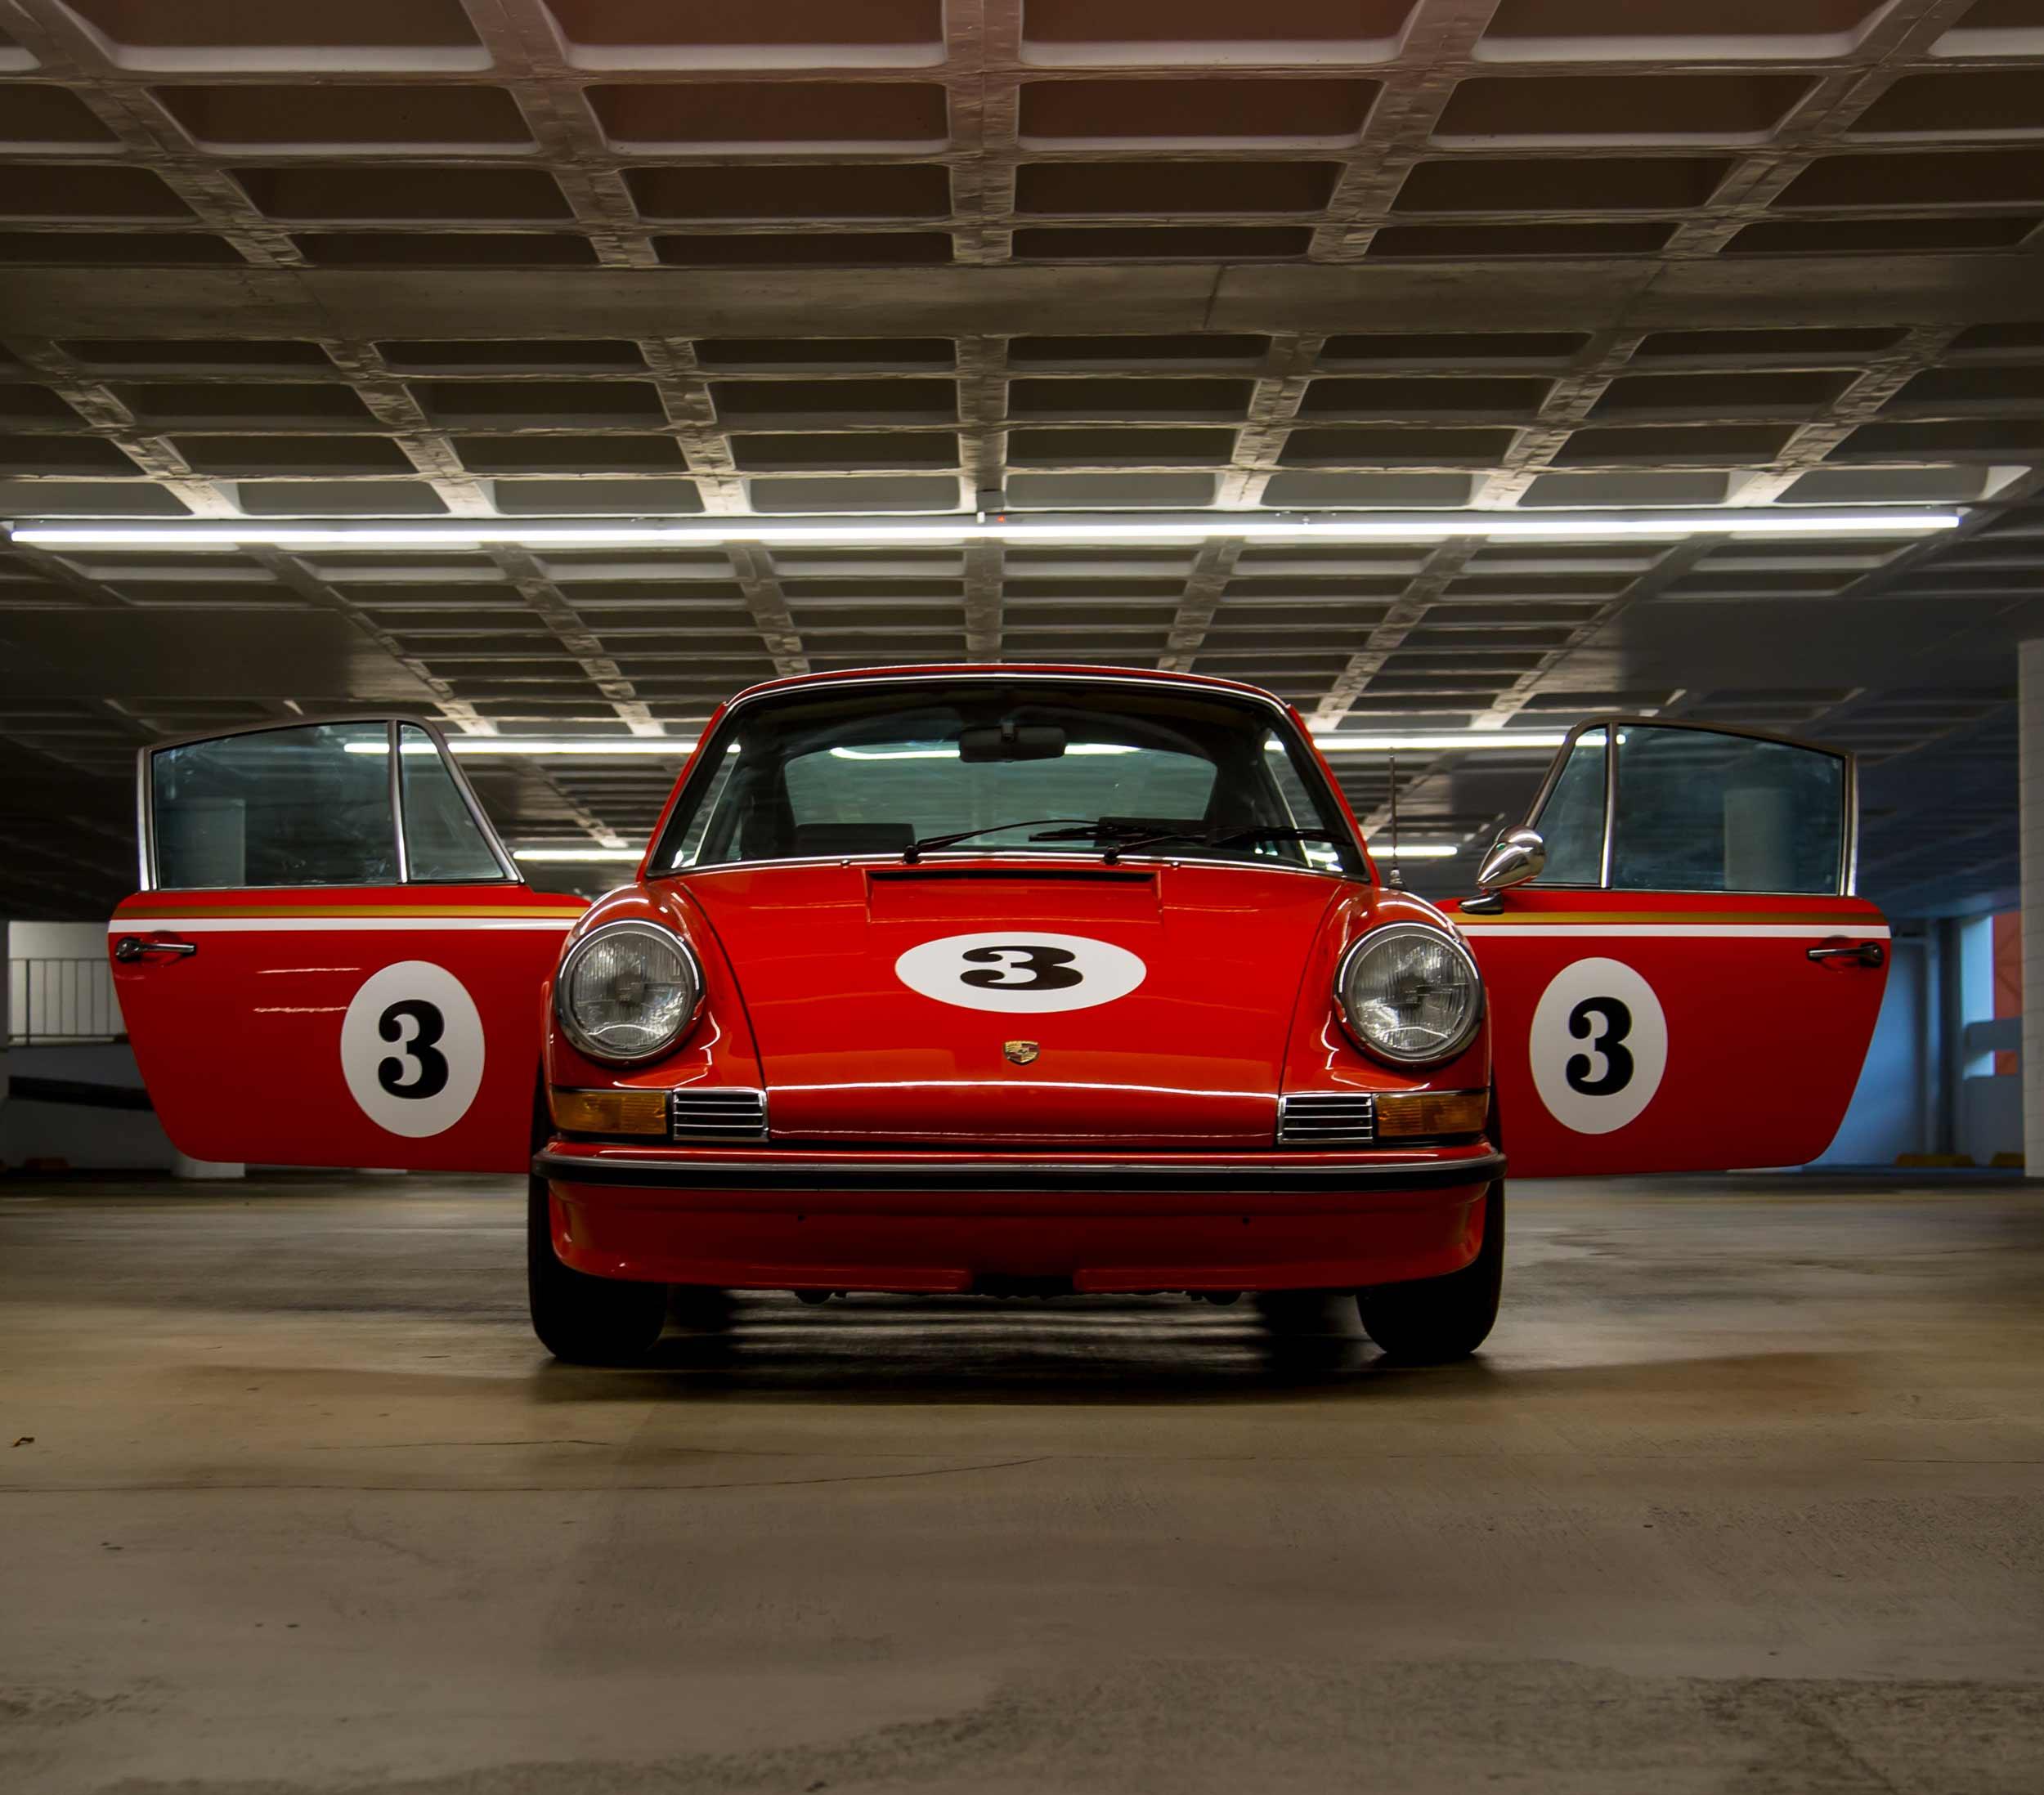 Makellos-Classics-1970-911T-Exclusive-Build-Custom-Porsche-Orange-Three-Ball-Doors-Open-Banner.jpg